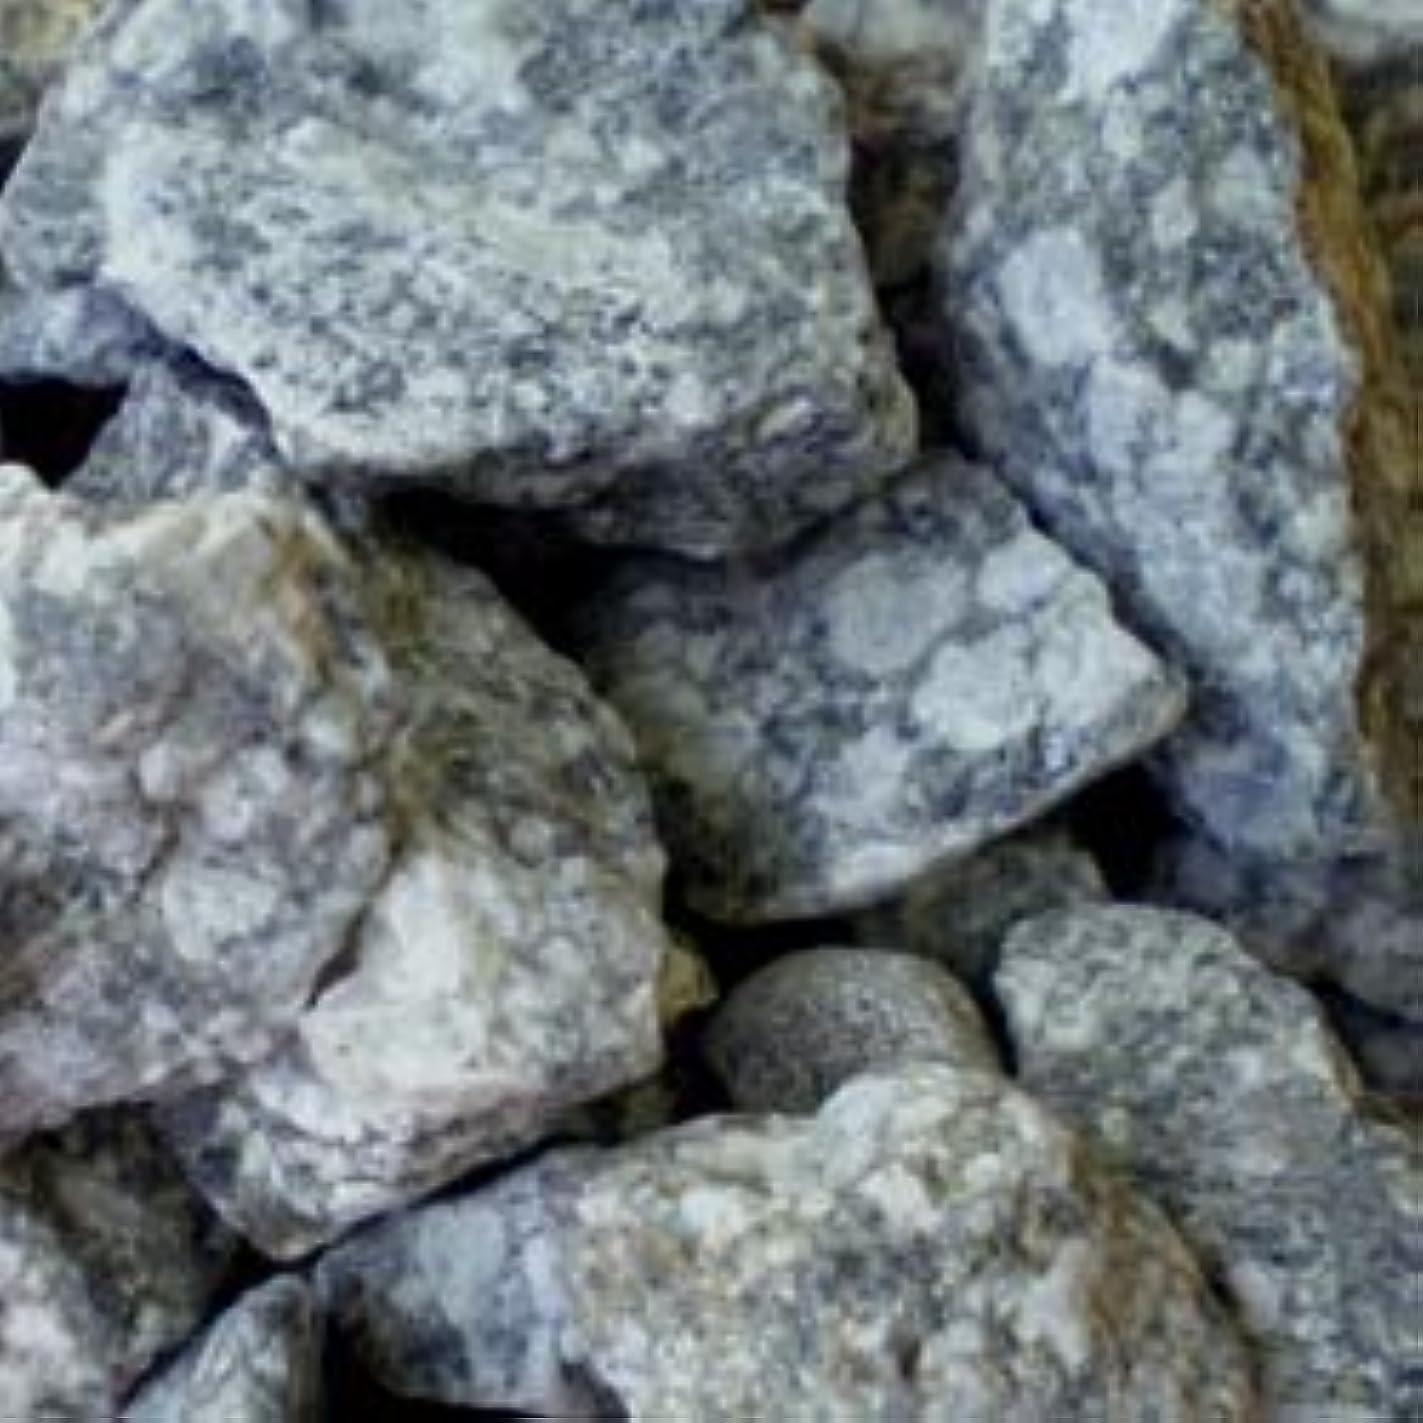 スーダン順番困った麦飯石 原石 5000g(サイズ10-30mm) (5袋セット) (5袋)